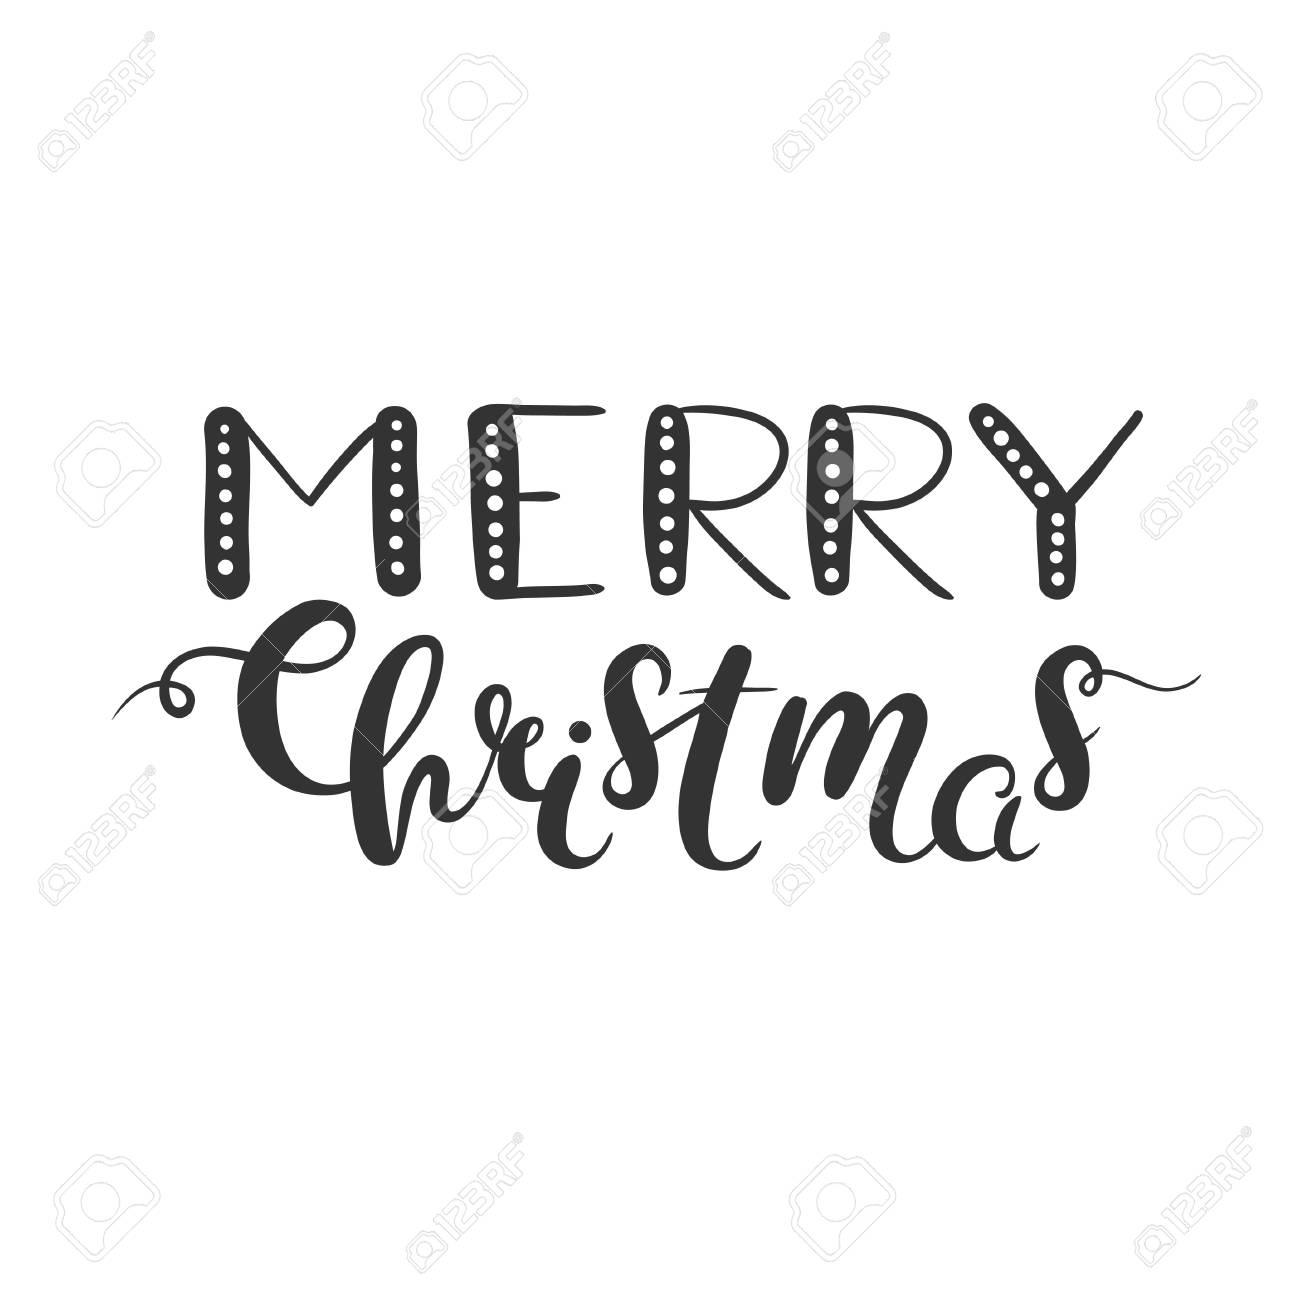 Frohe Weihnachten Schriftzug Auf Weißem Isoliert. Weihnachten ...